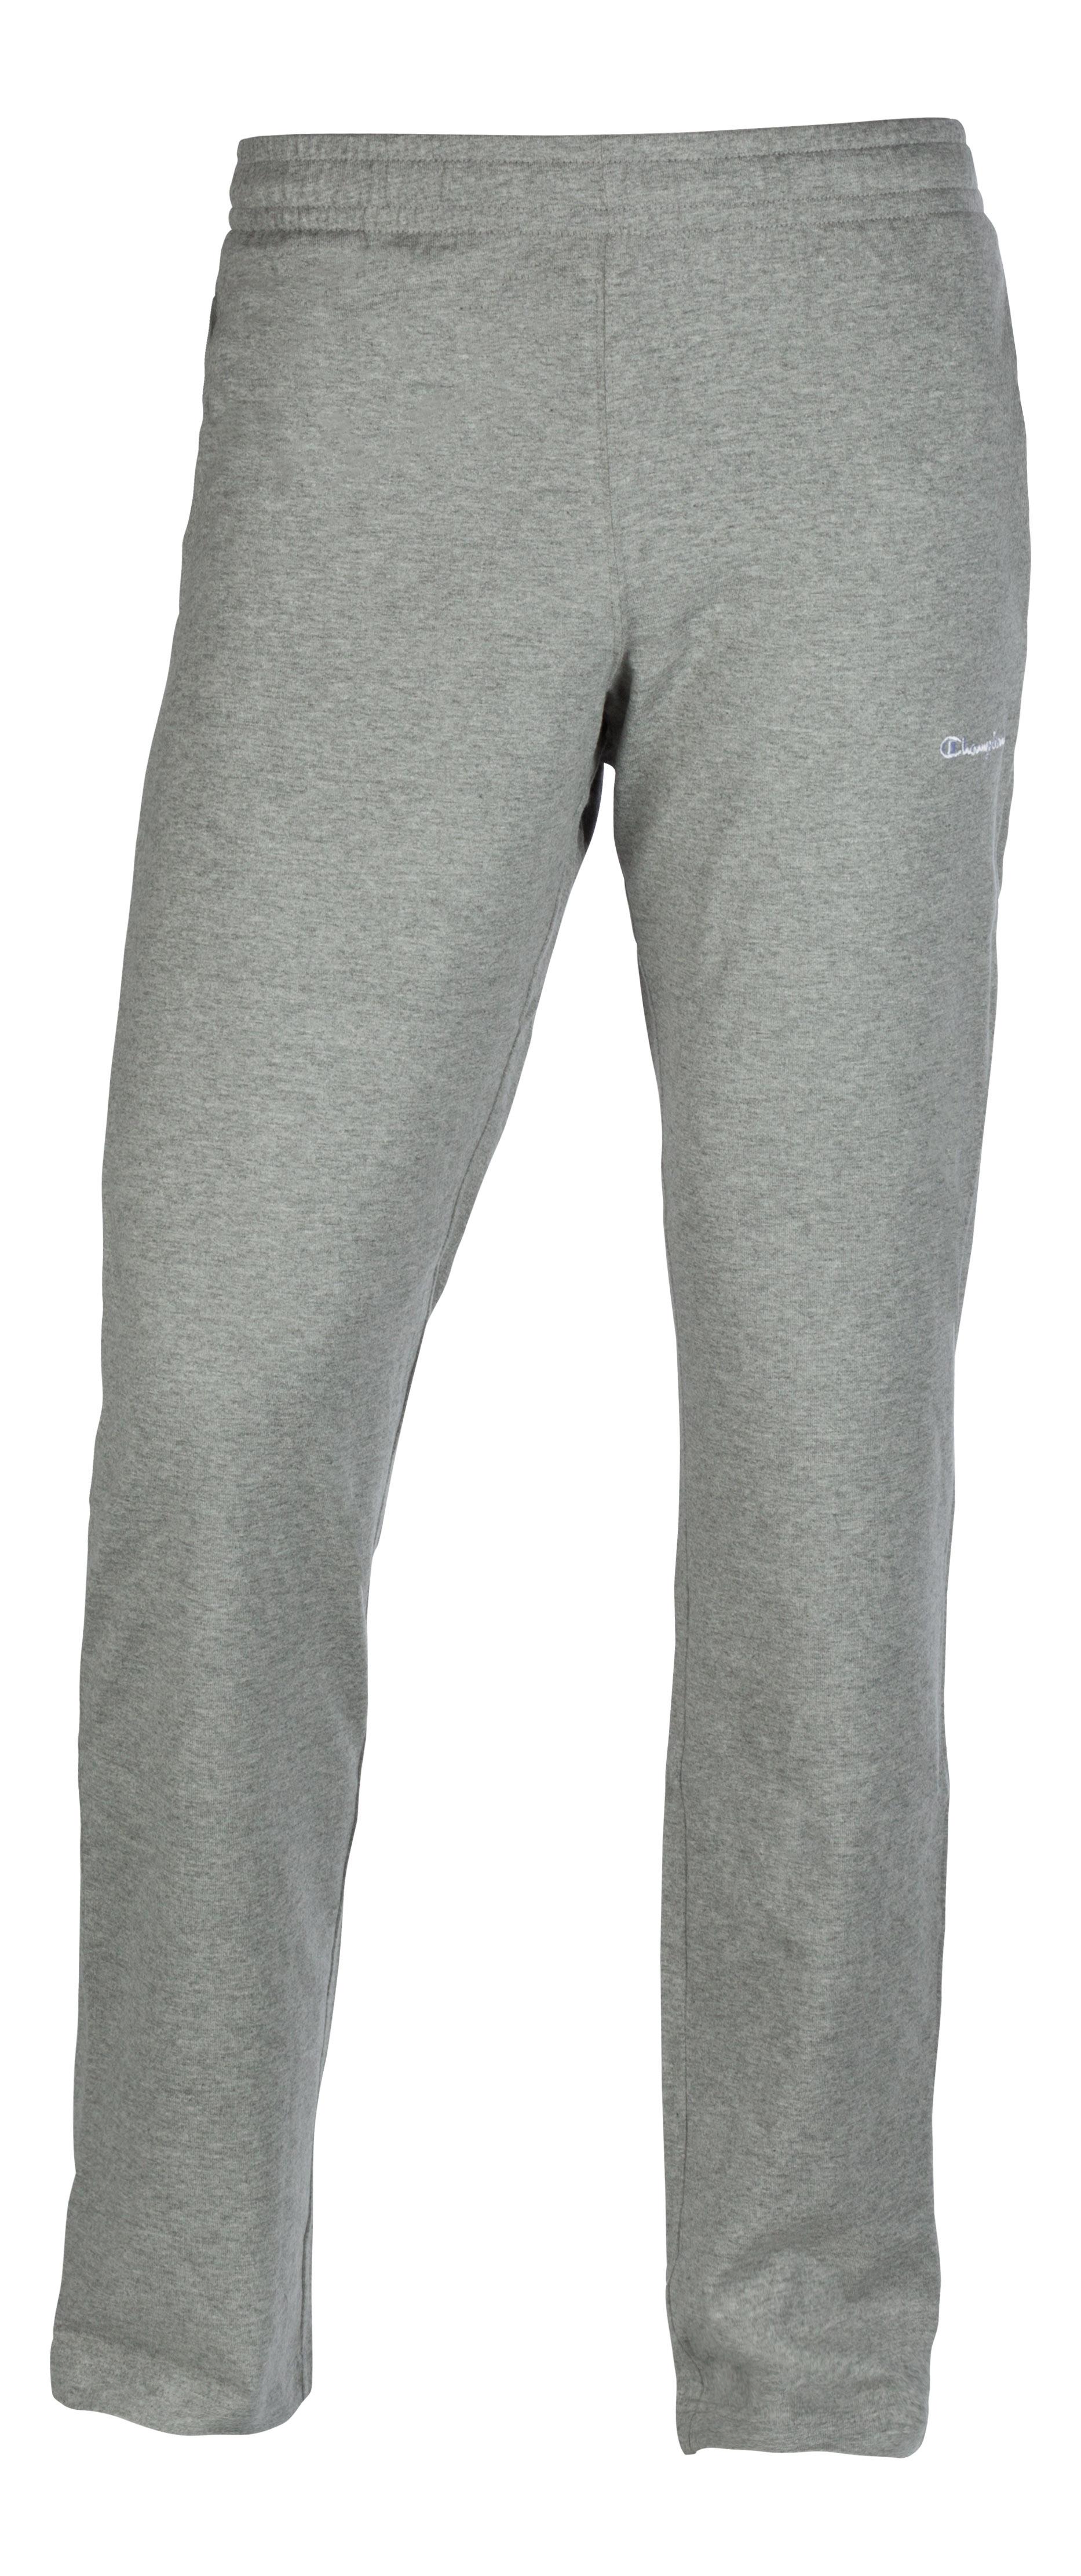 champion herren jogginghose sweatpants jogging hose jersey. Black Bedroom Furniture Sets. Home Design Ideas